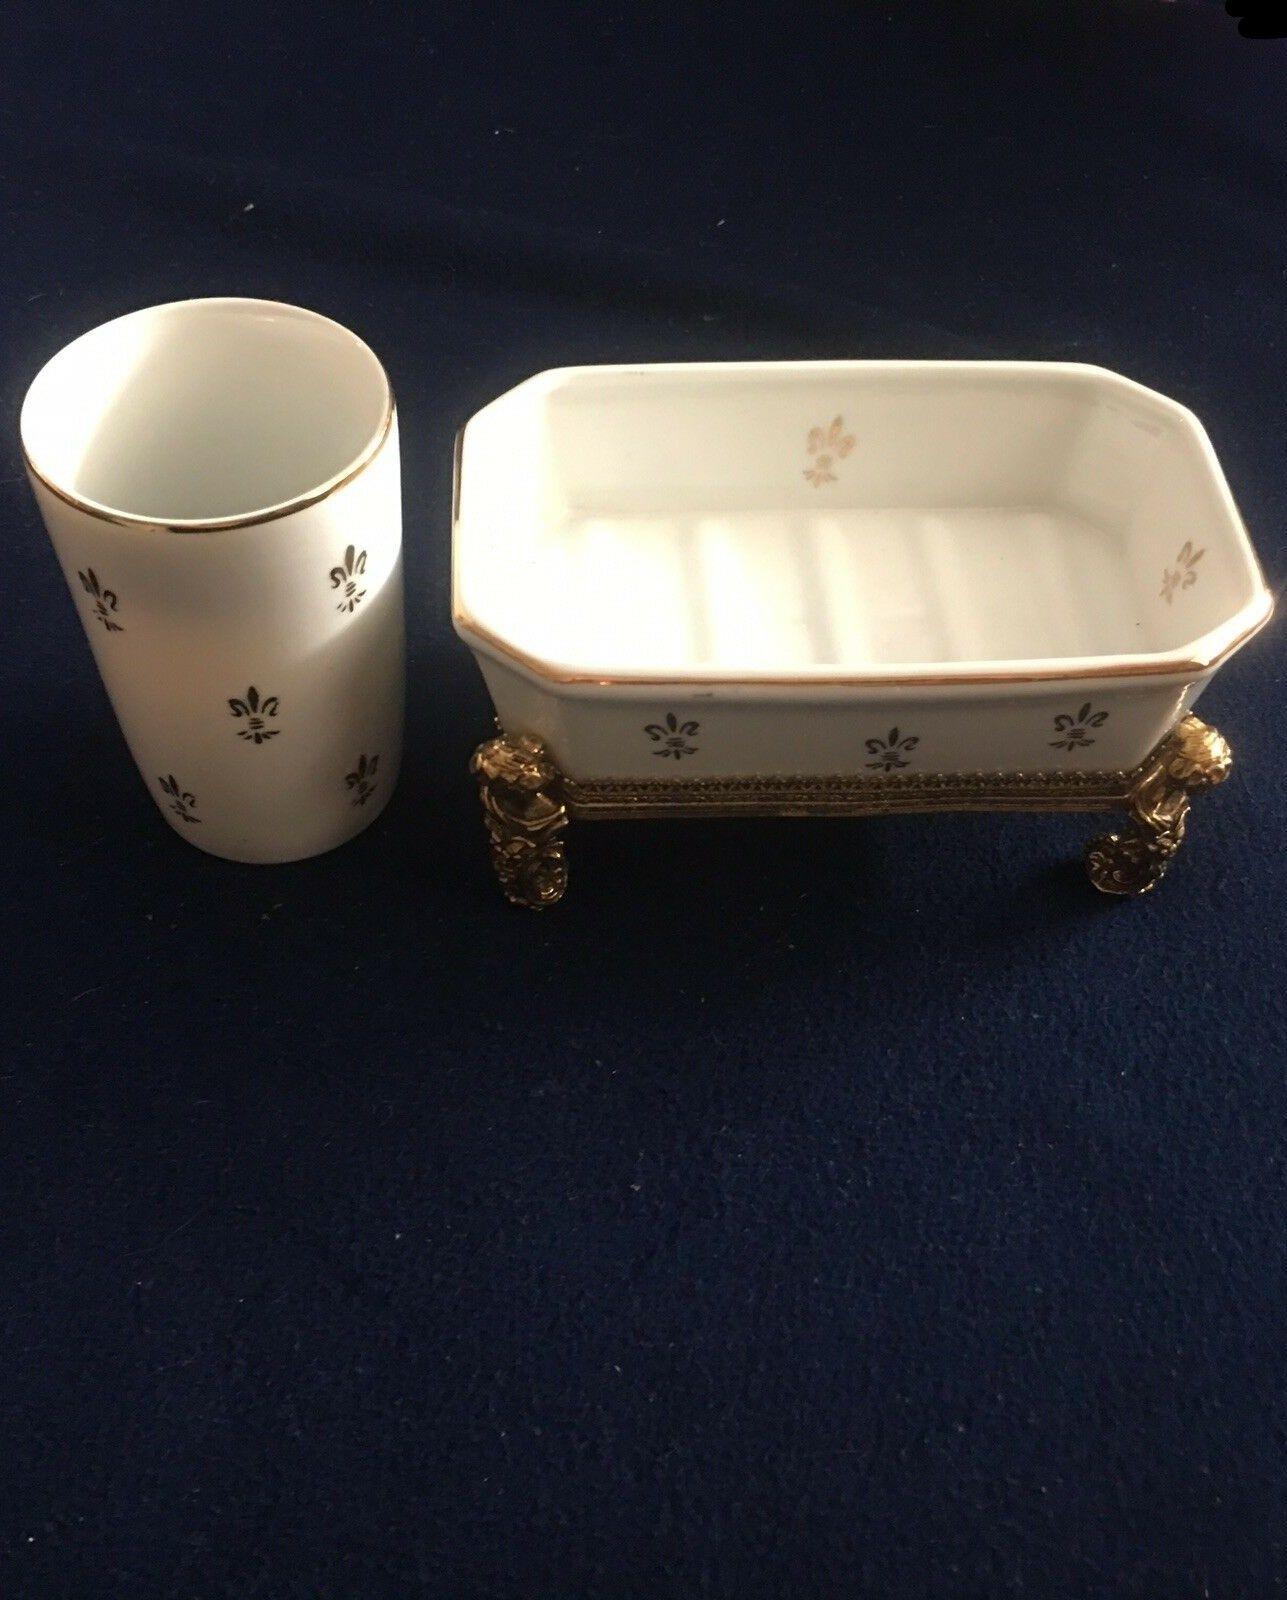 Vintage White Porcelain Gold Trim Fleur De Lis Soap Dish W Footed Brass Stand Cup White Porcelain Dish Soap Soap